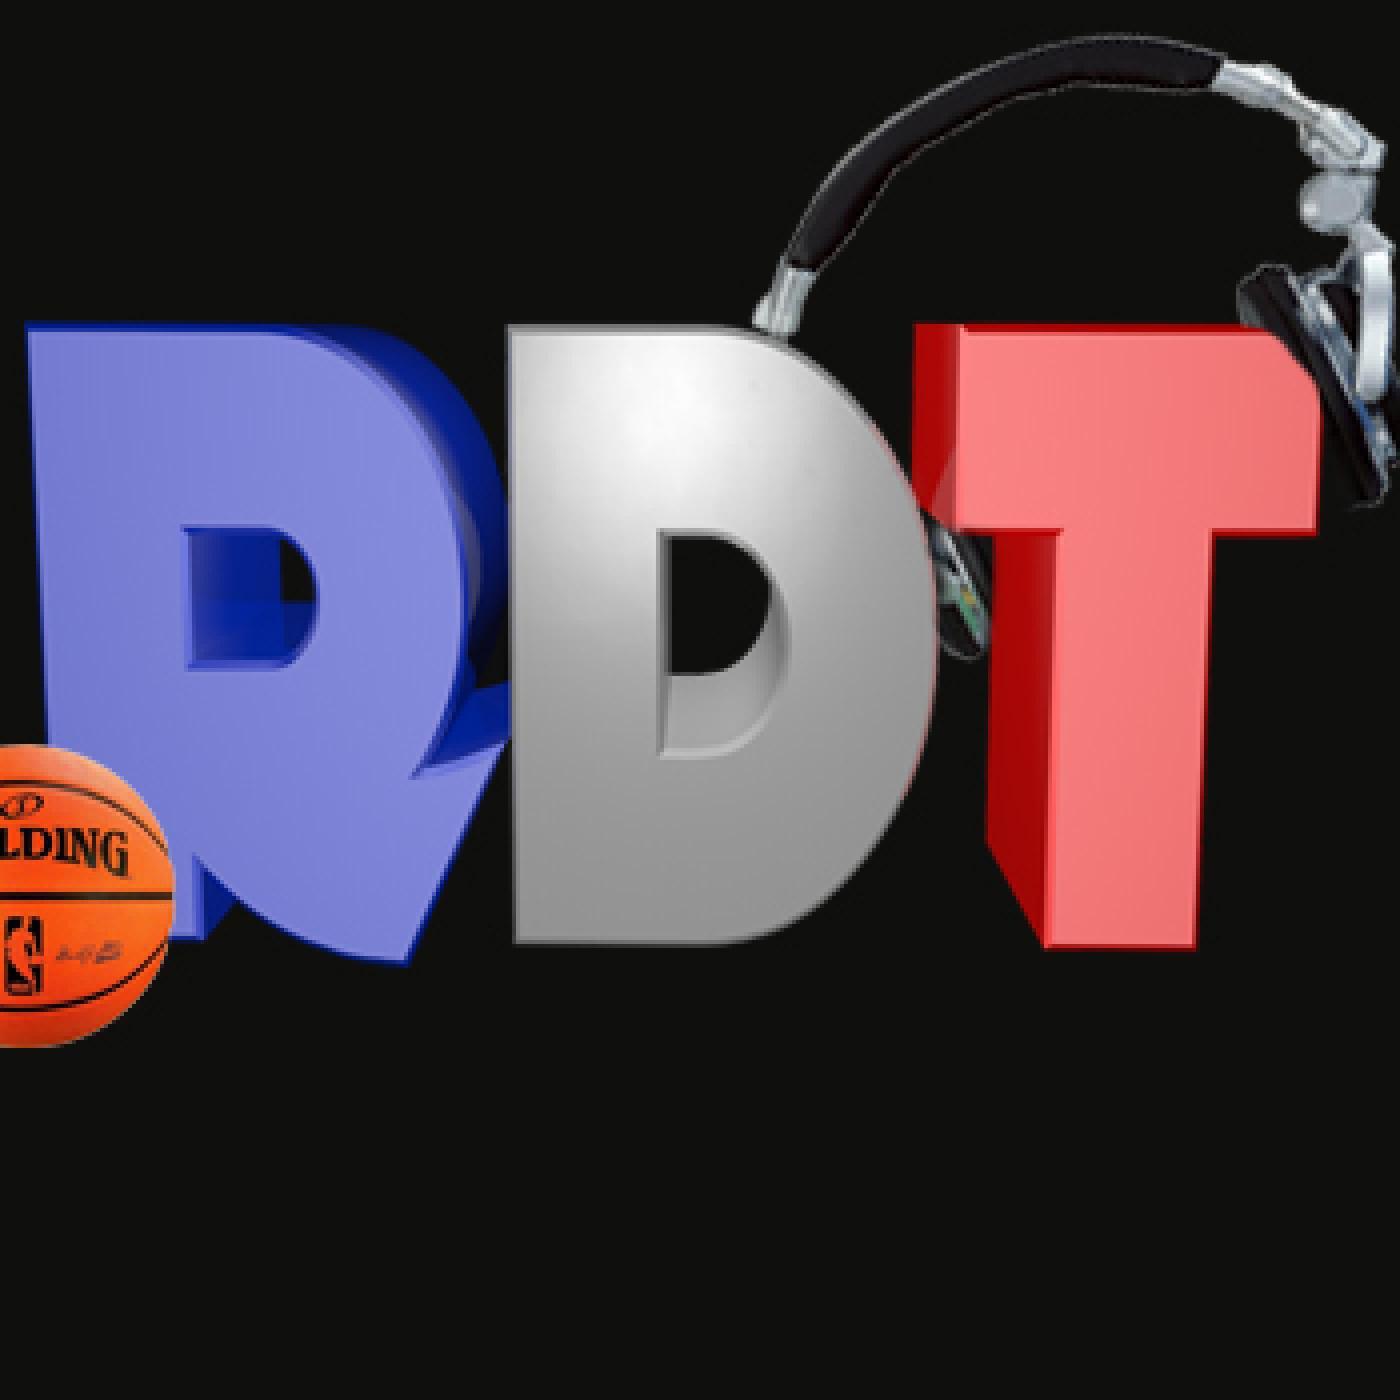 Programa 51 - Ronda de Tiro NBA - Warriors invictos y Cavs dan miedo